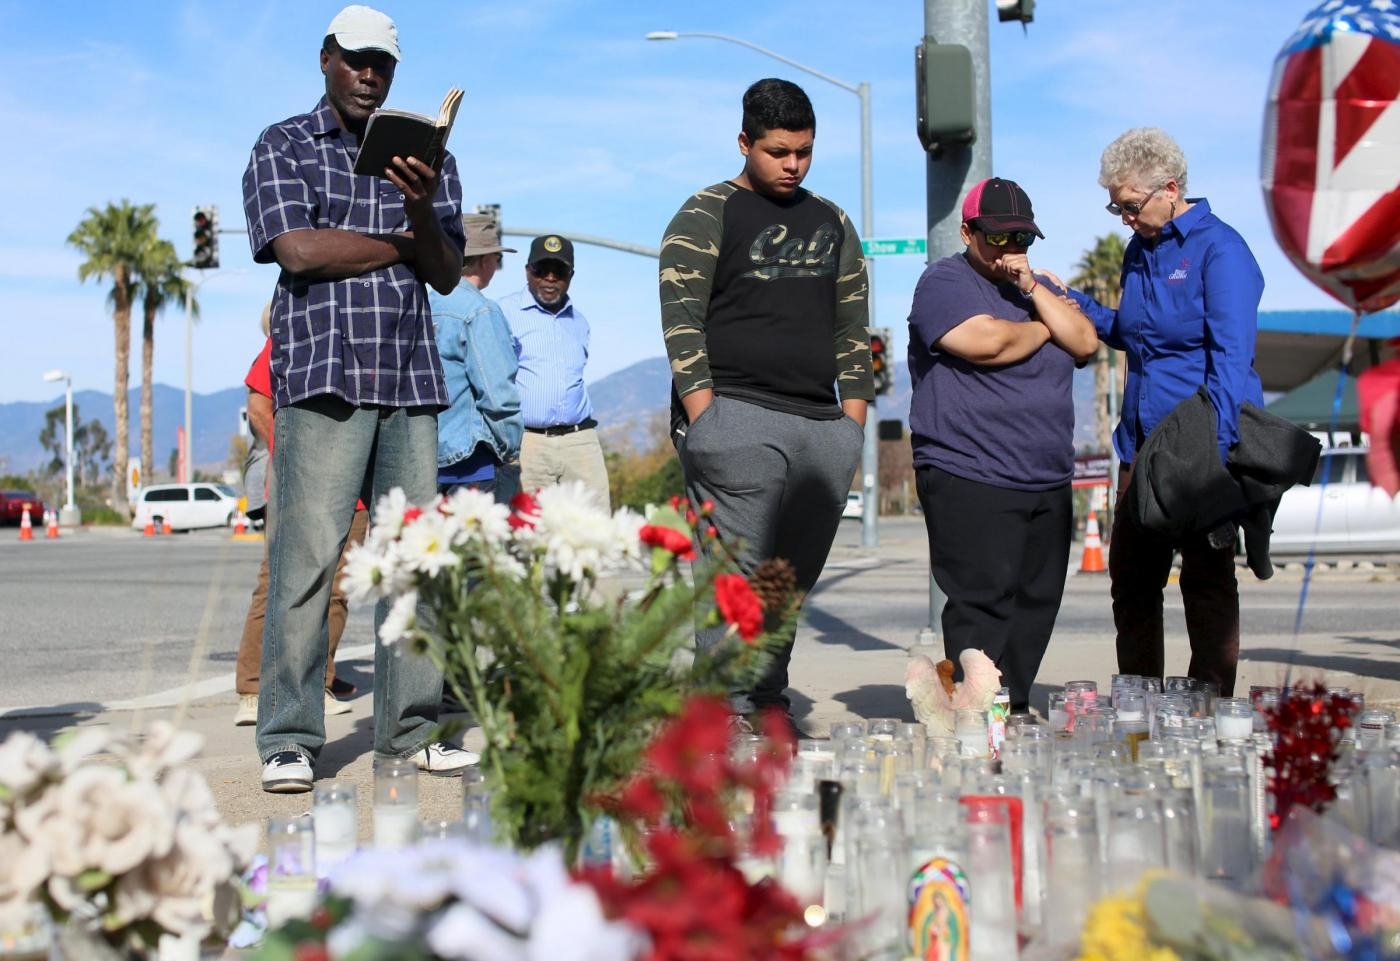 Sparatoria California, il ricordo dei cittadini a San Bernardino